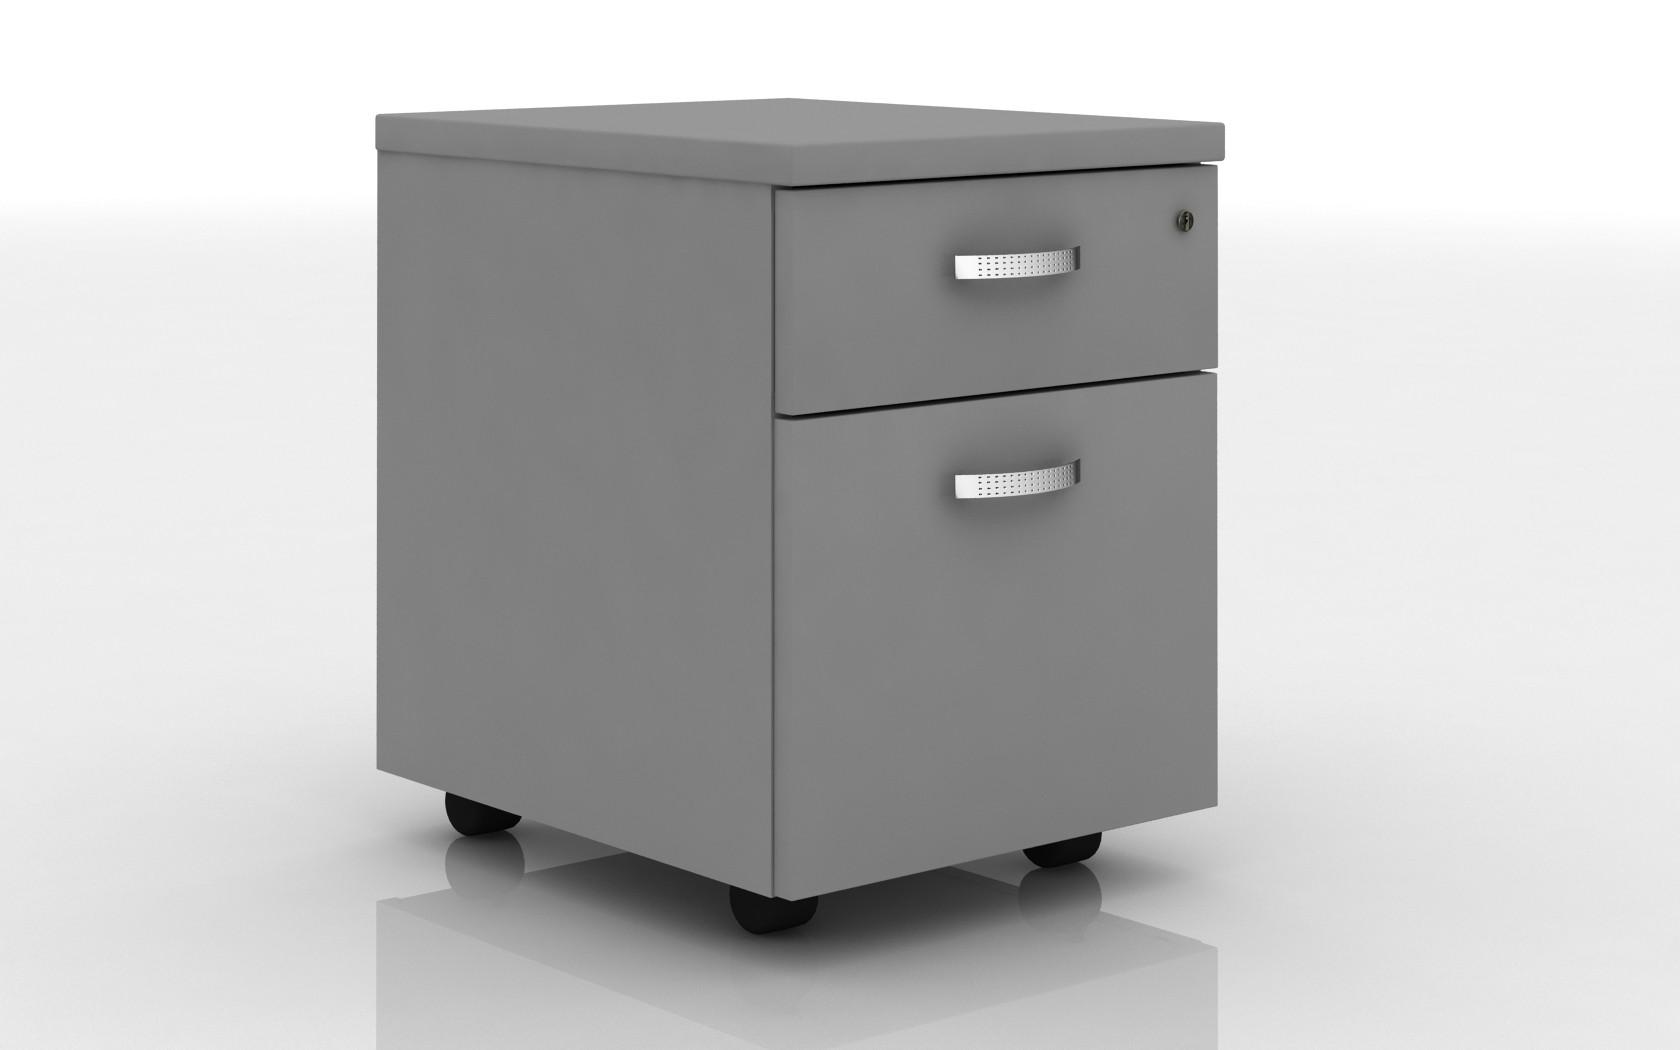 caisson mobile pour bureau r glable en hauteur. Black Bedroom Furniture Sets. Home Design Ideas